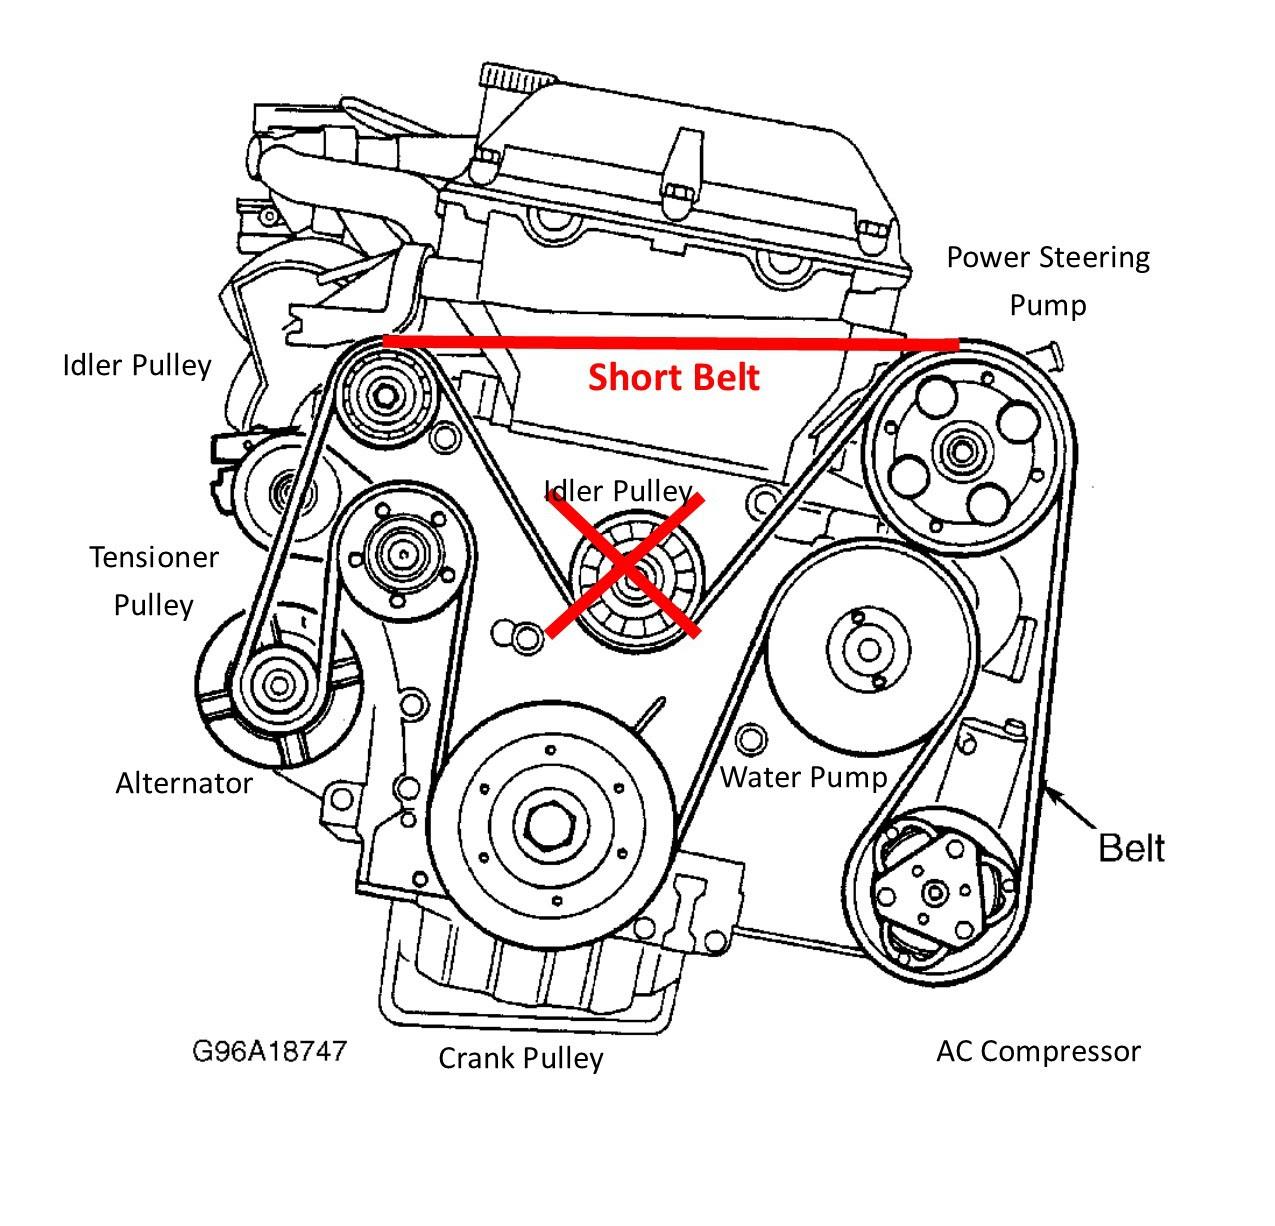 Saab 2 3 Engine Diagram